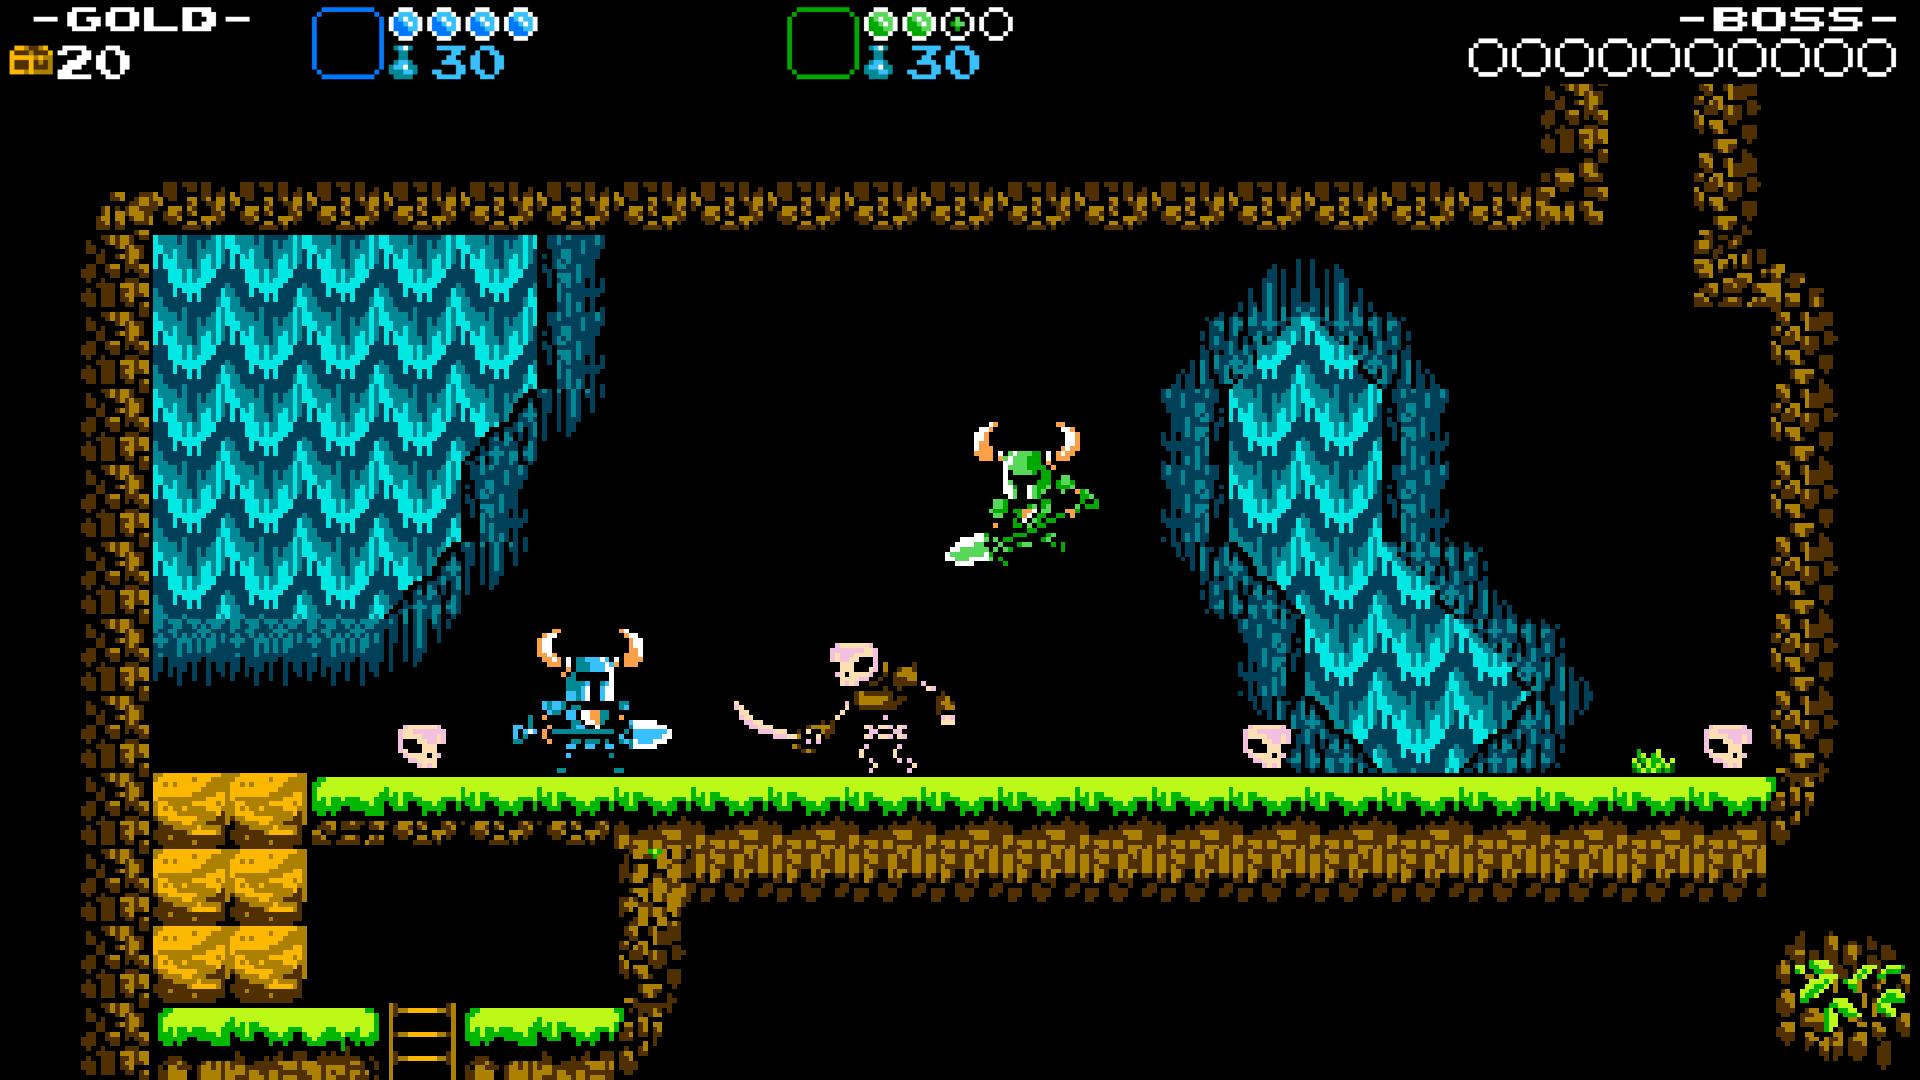 『ショベルナイト』ゲーム画面